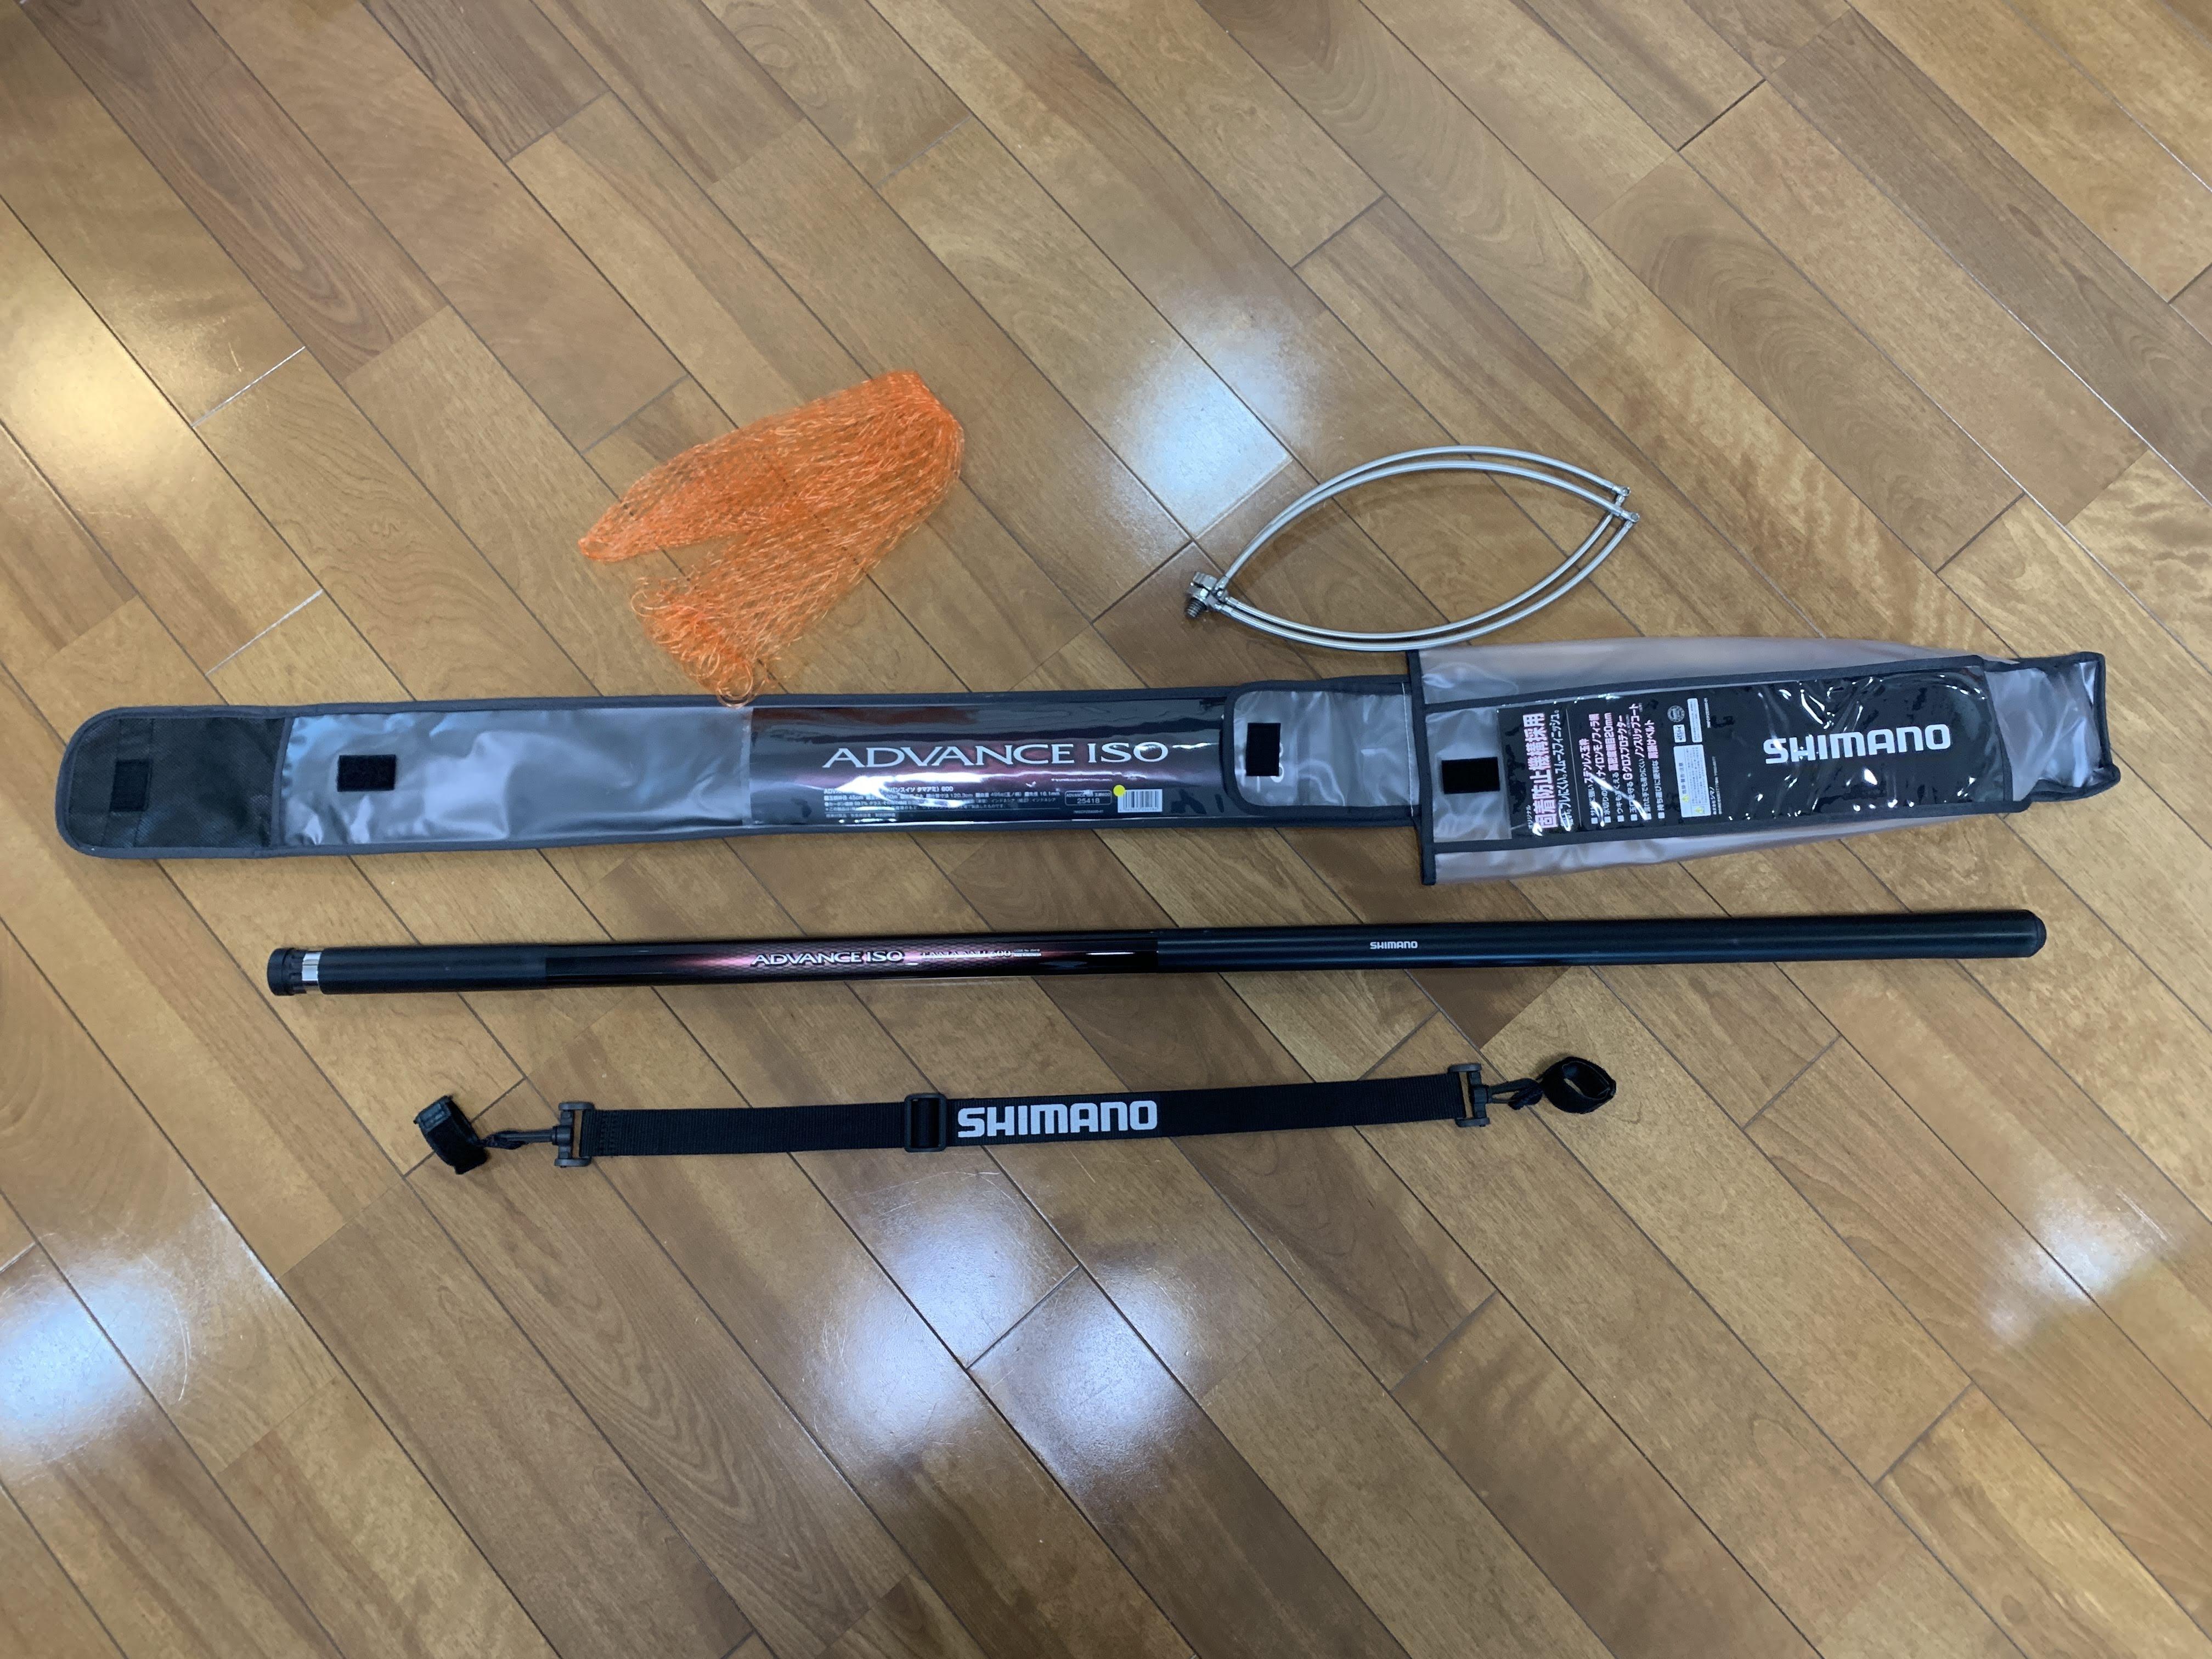 シマノ アドバンスイソ玉網 600